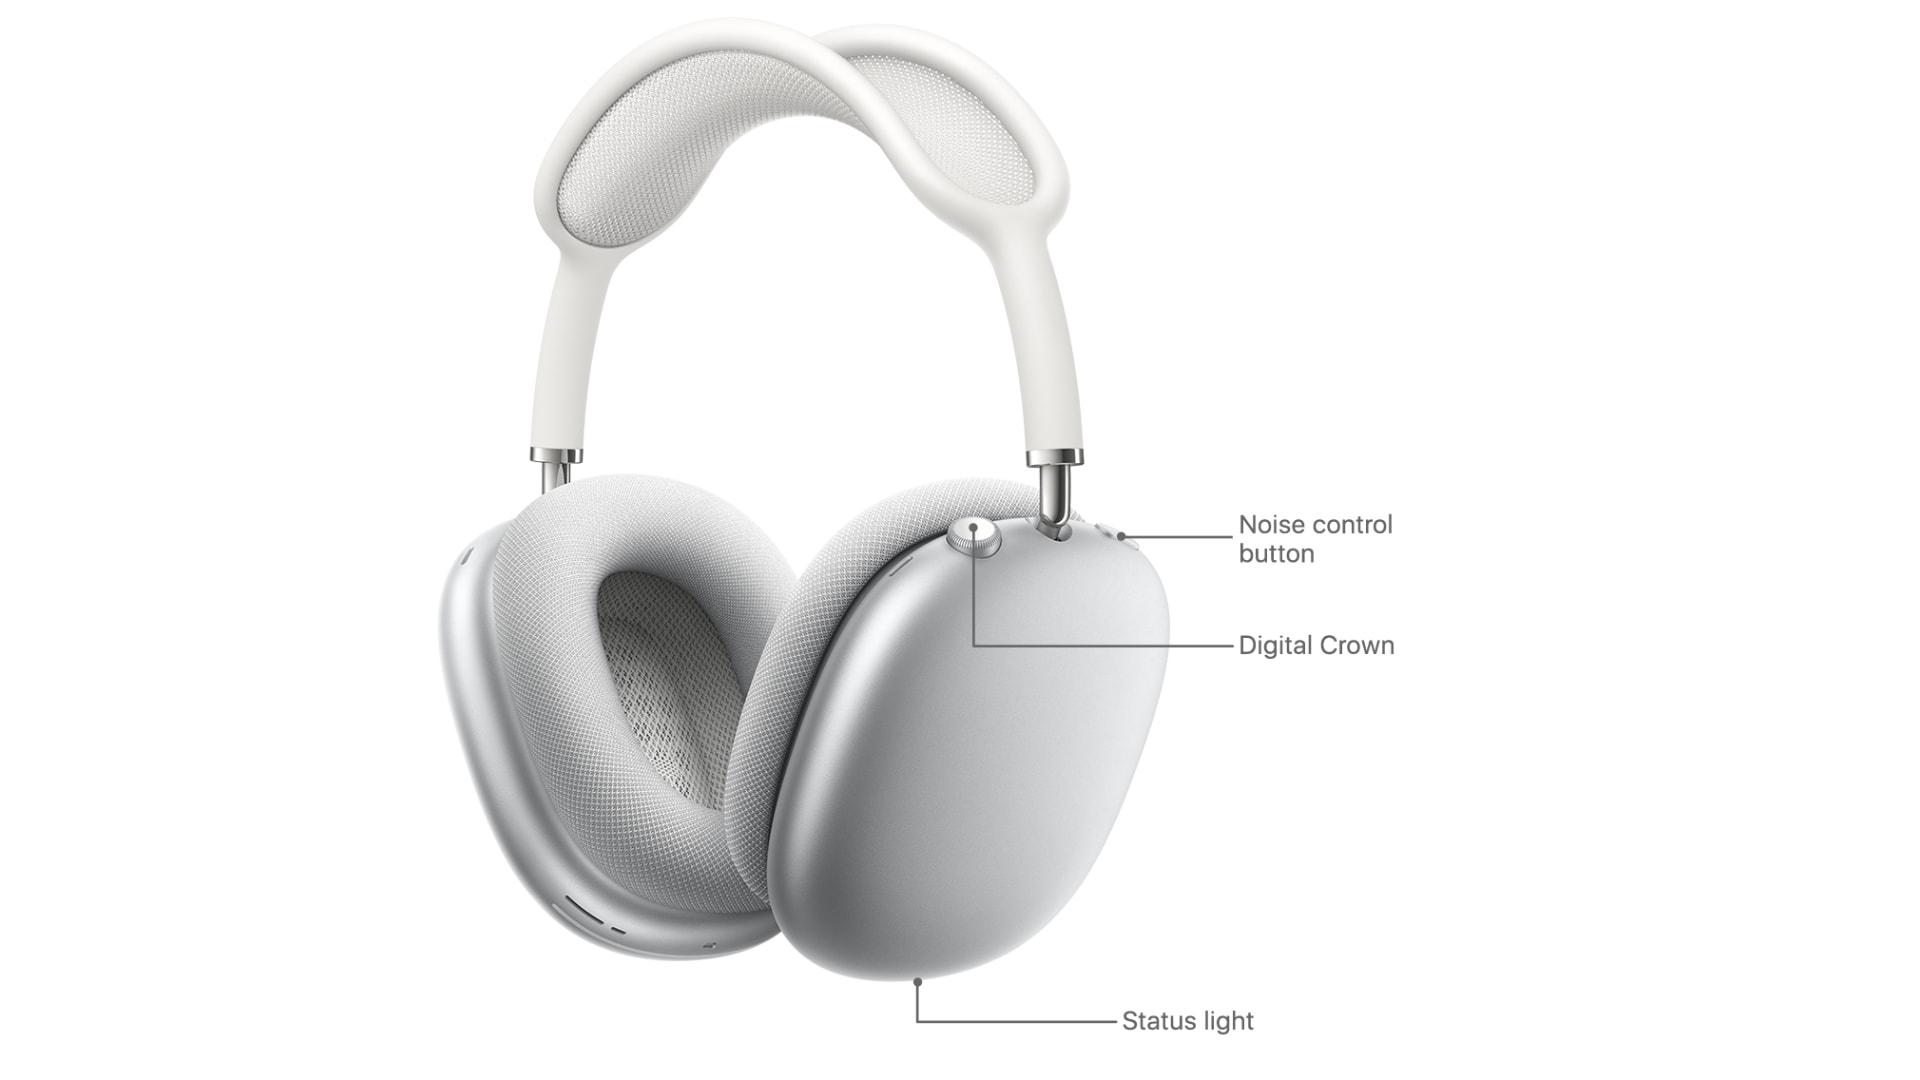 Cách đặt lại AirPods Max: Nhấn và giữ nút Digital Crown và nút điều khiển tiếng ồn